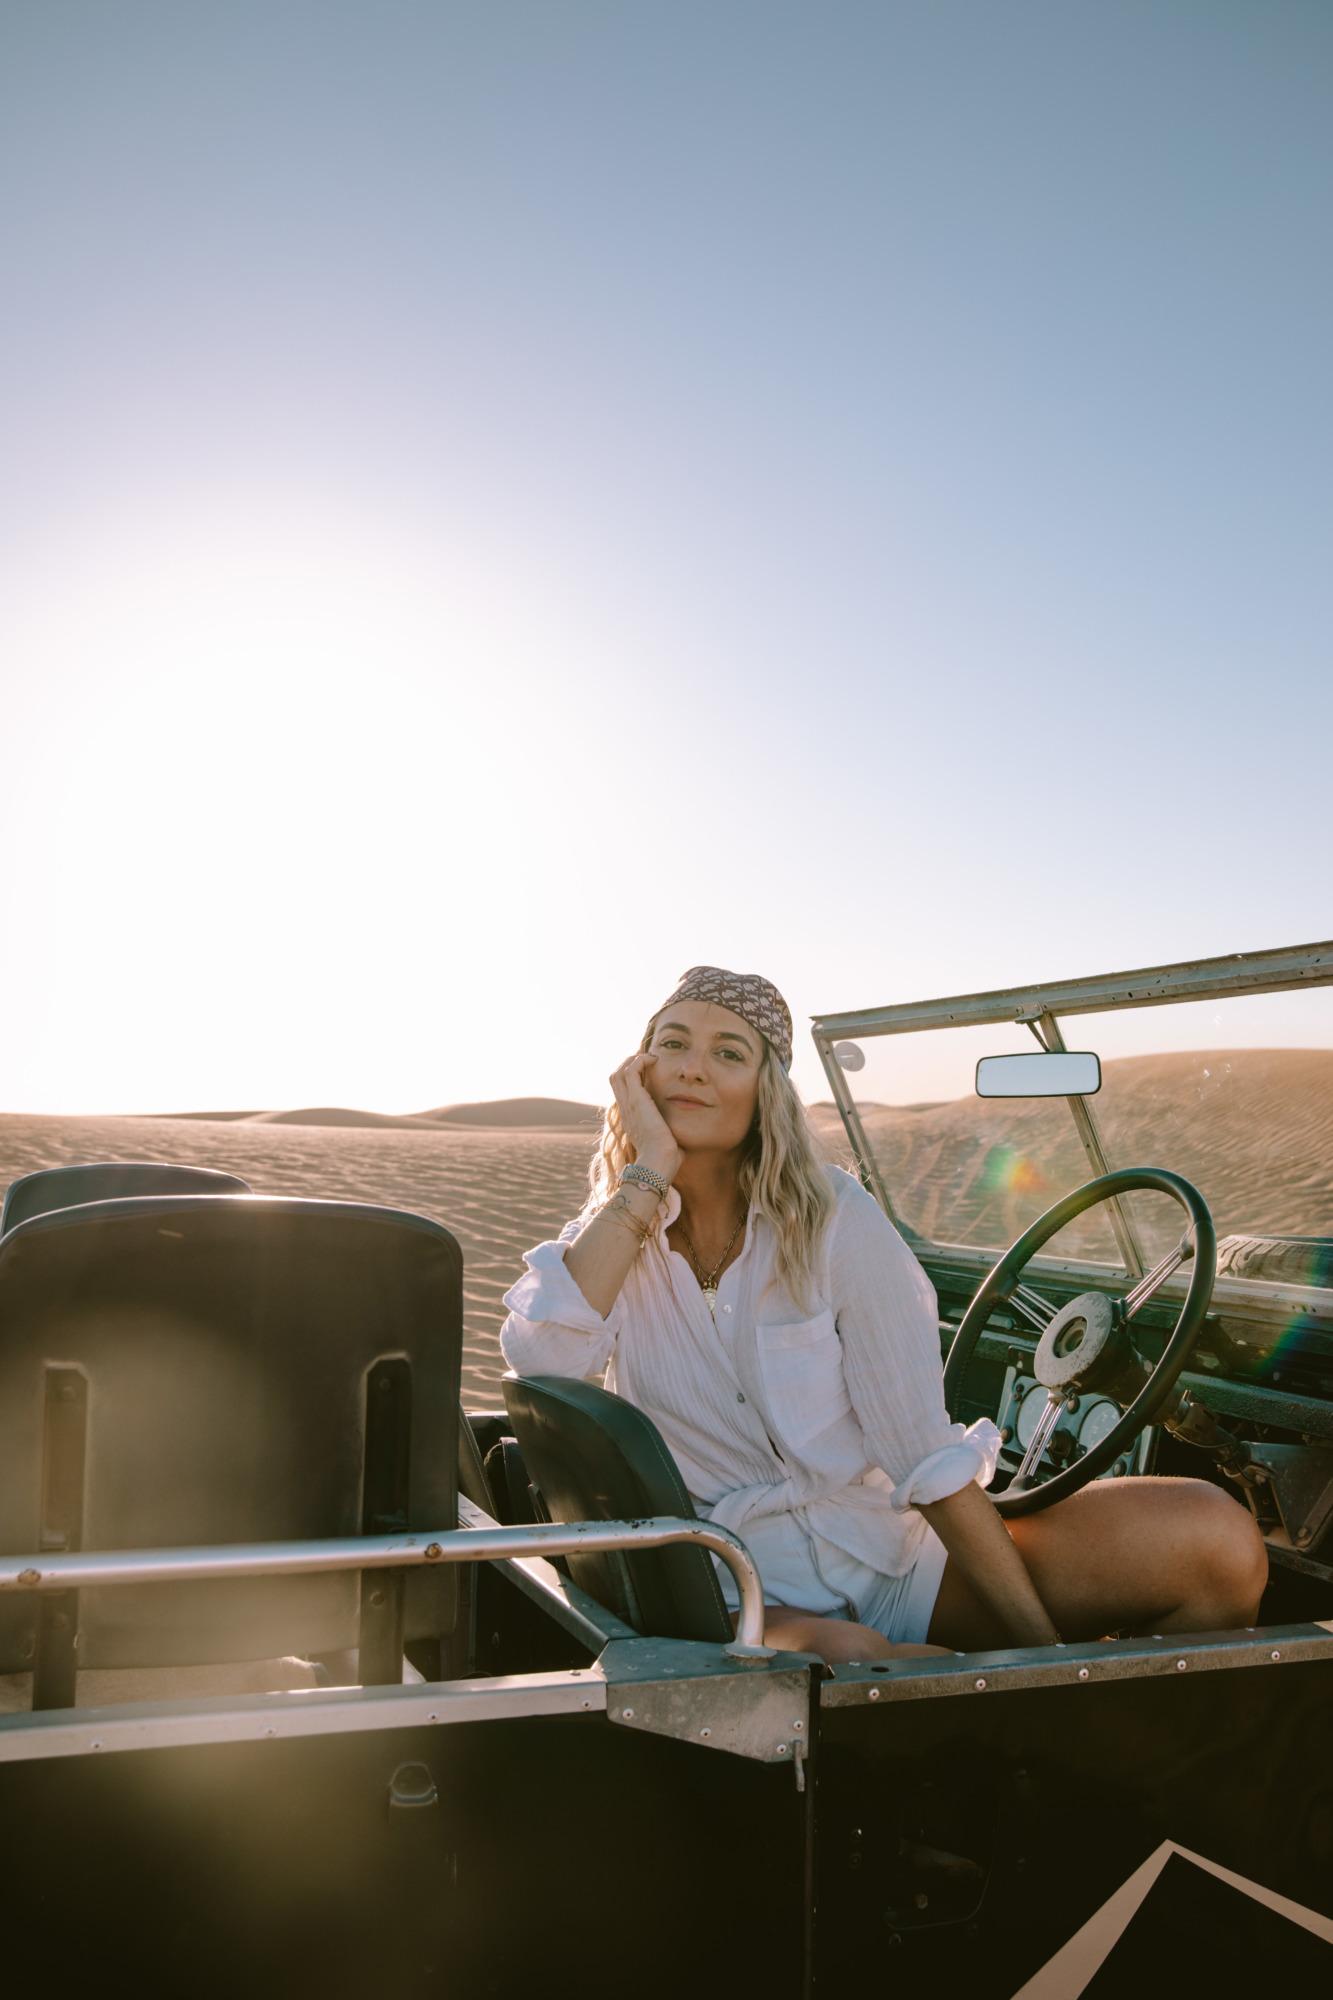 Safari Land Rover Dubaï - Blondie Baby blog voyages